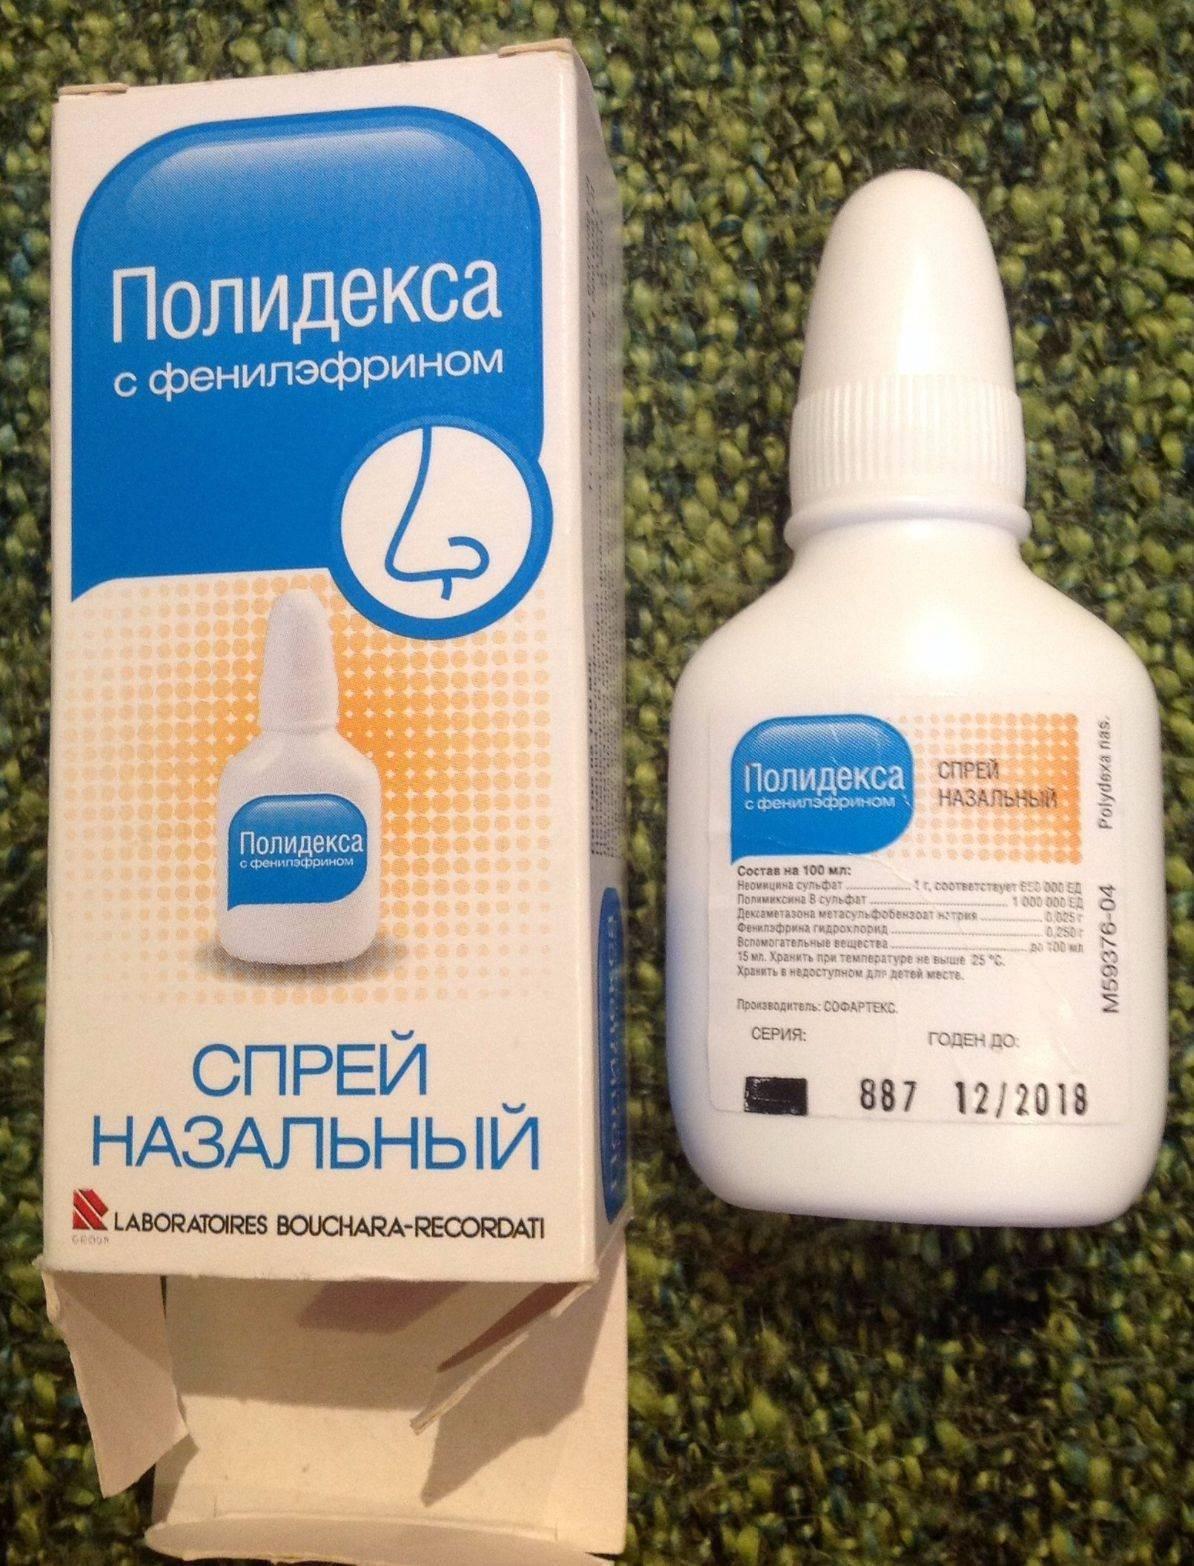 Полидекса с фенилэфрином (polydexa with phenylephrine®)